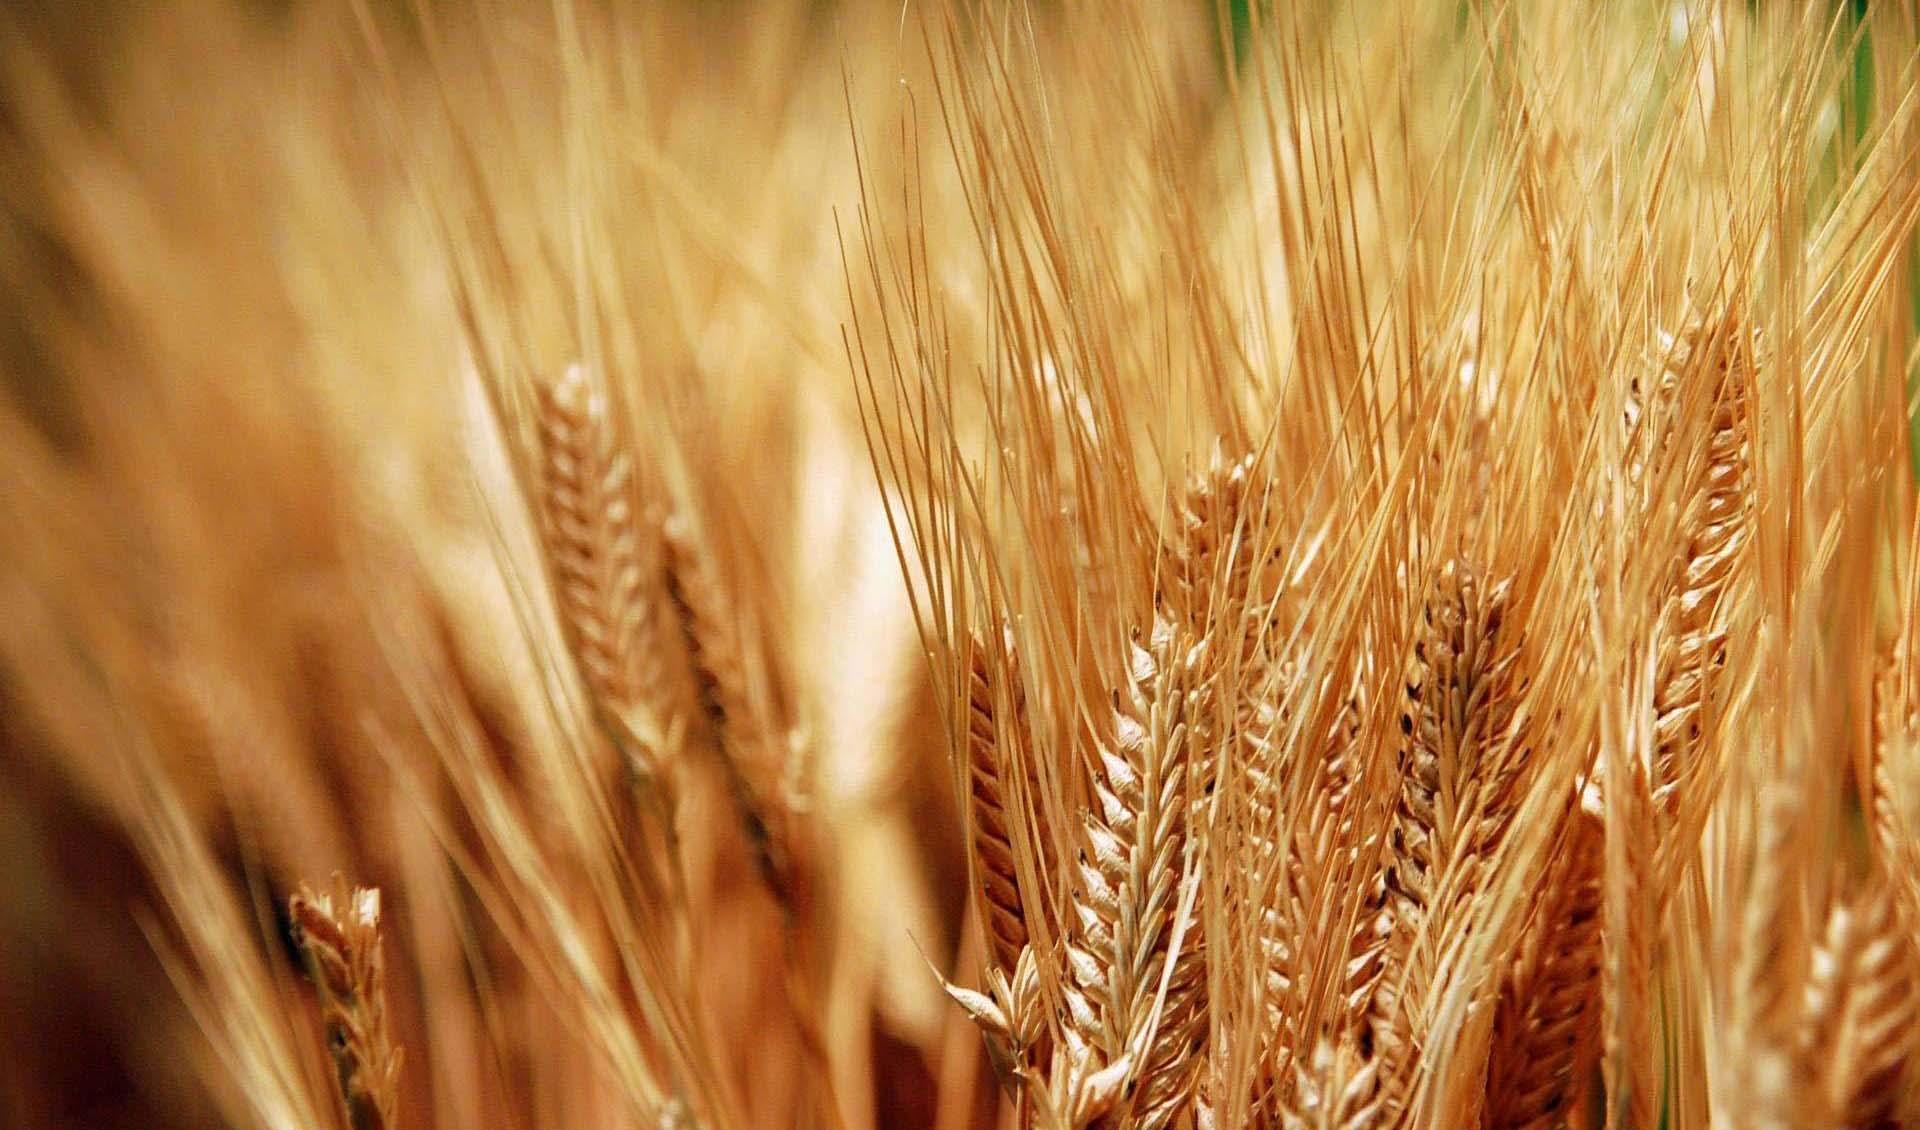 خرید گندم از ۸ میلیون تن گذشت